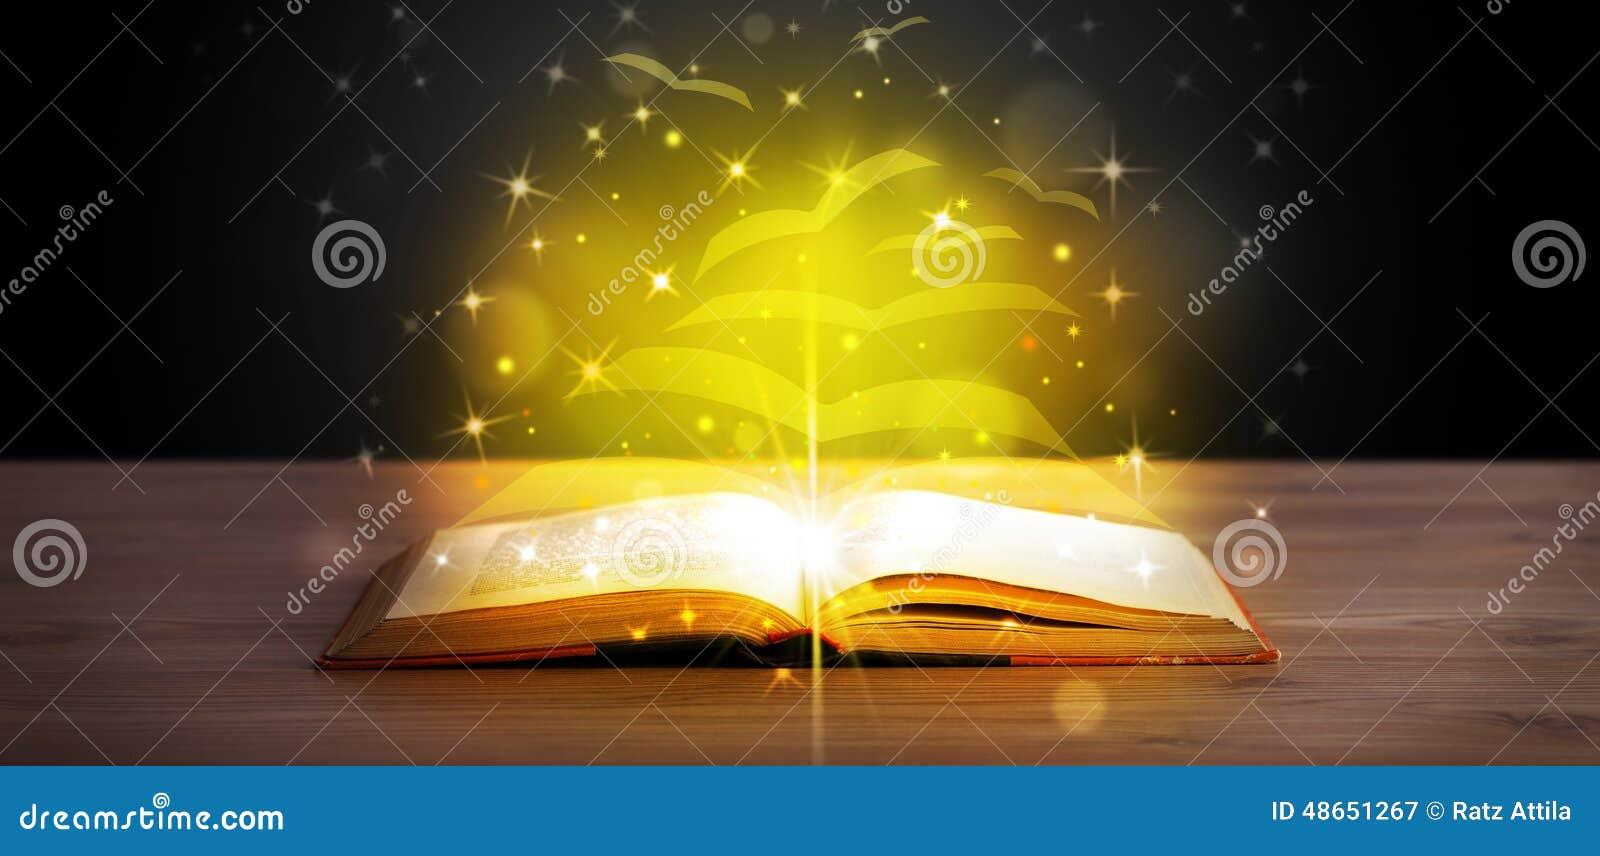 Раскройте книгу с страницами бумаги летания золотого зарева